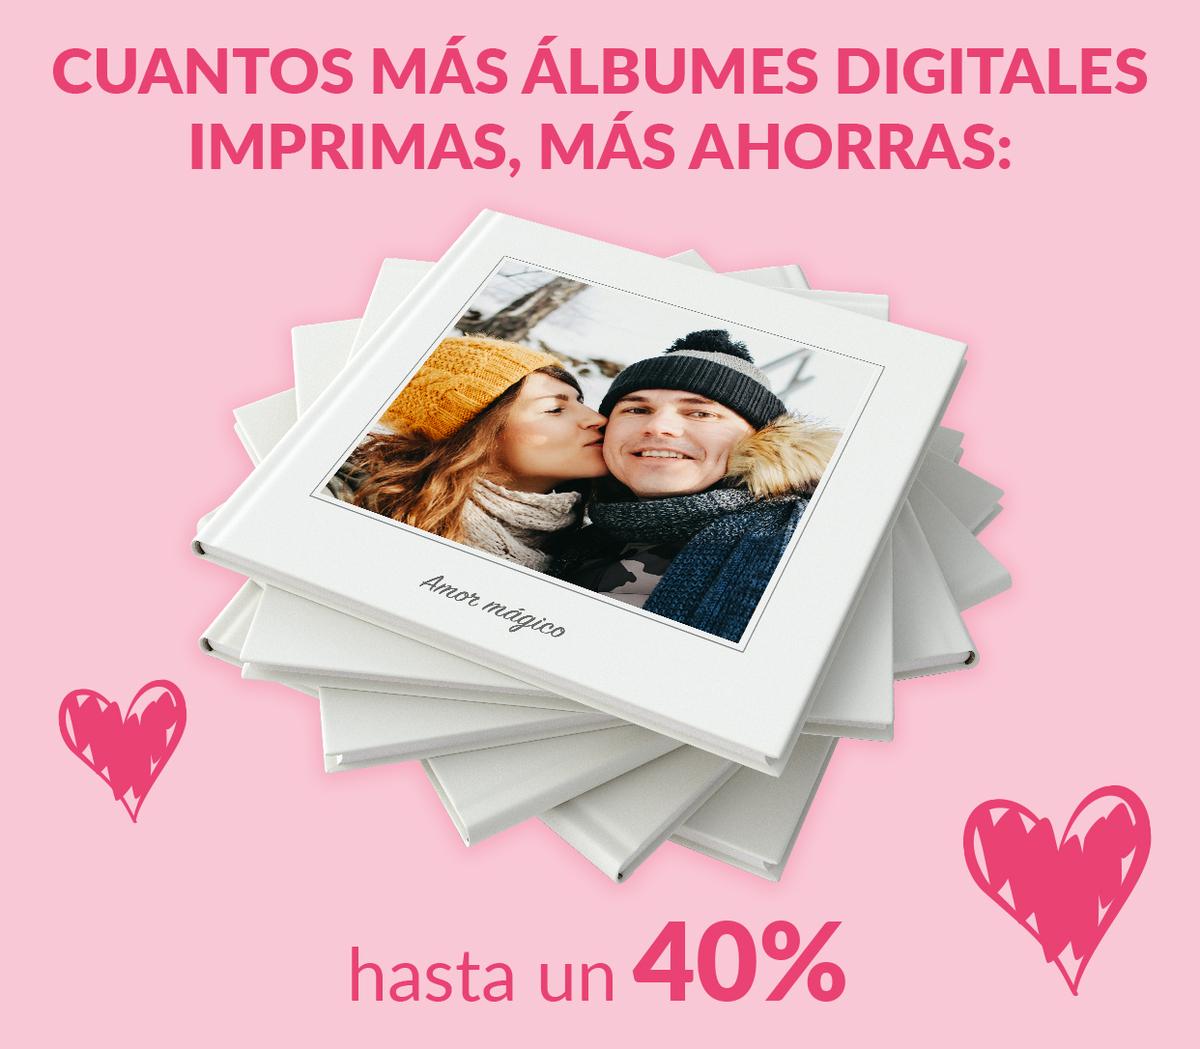 Hasta un 40% menos en la compra de álbumes digitales, según la cantidad